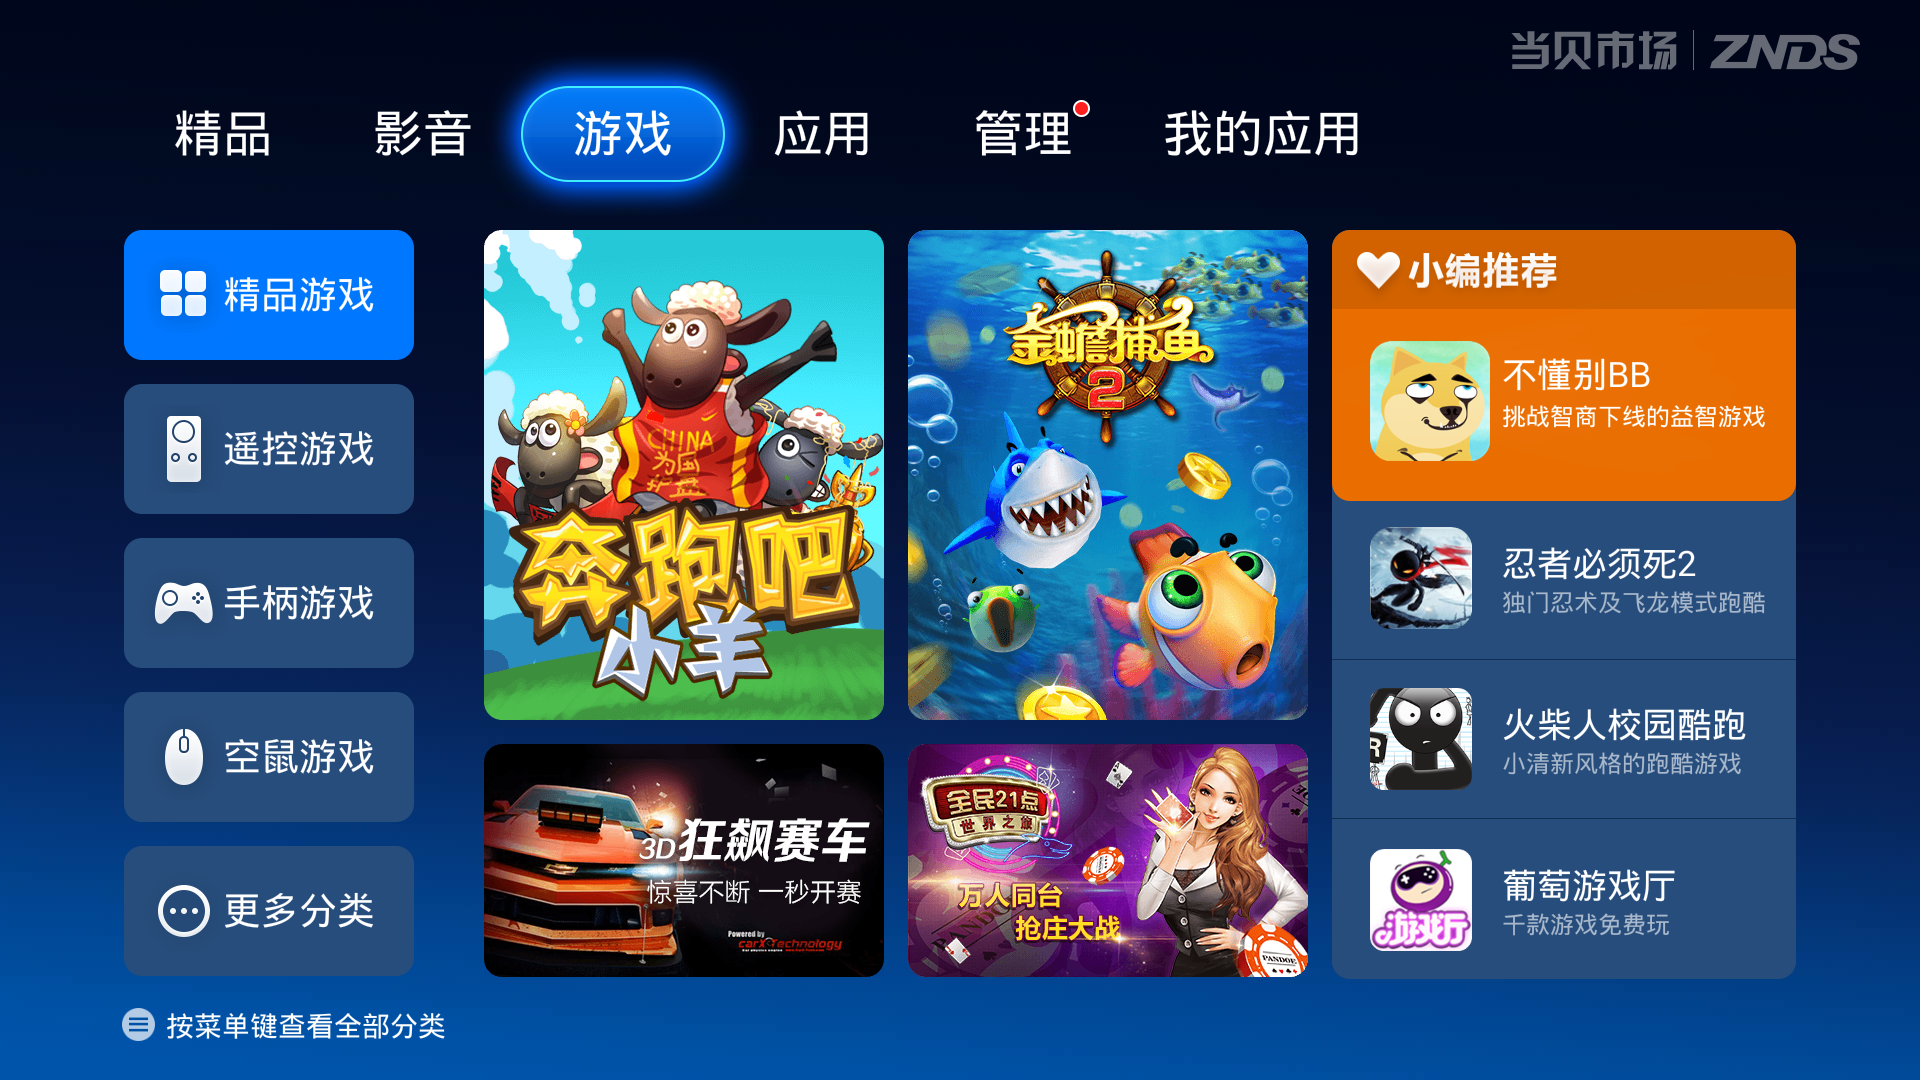 网络机顶盒玩游戏可以下载个当贝市场或者葡萄游戏厅,ko电玩城,快游戏